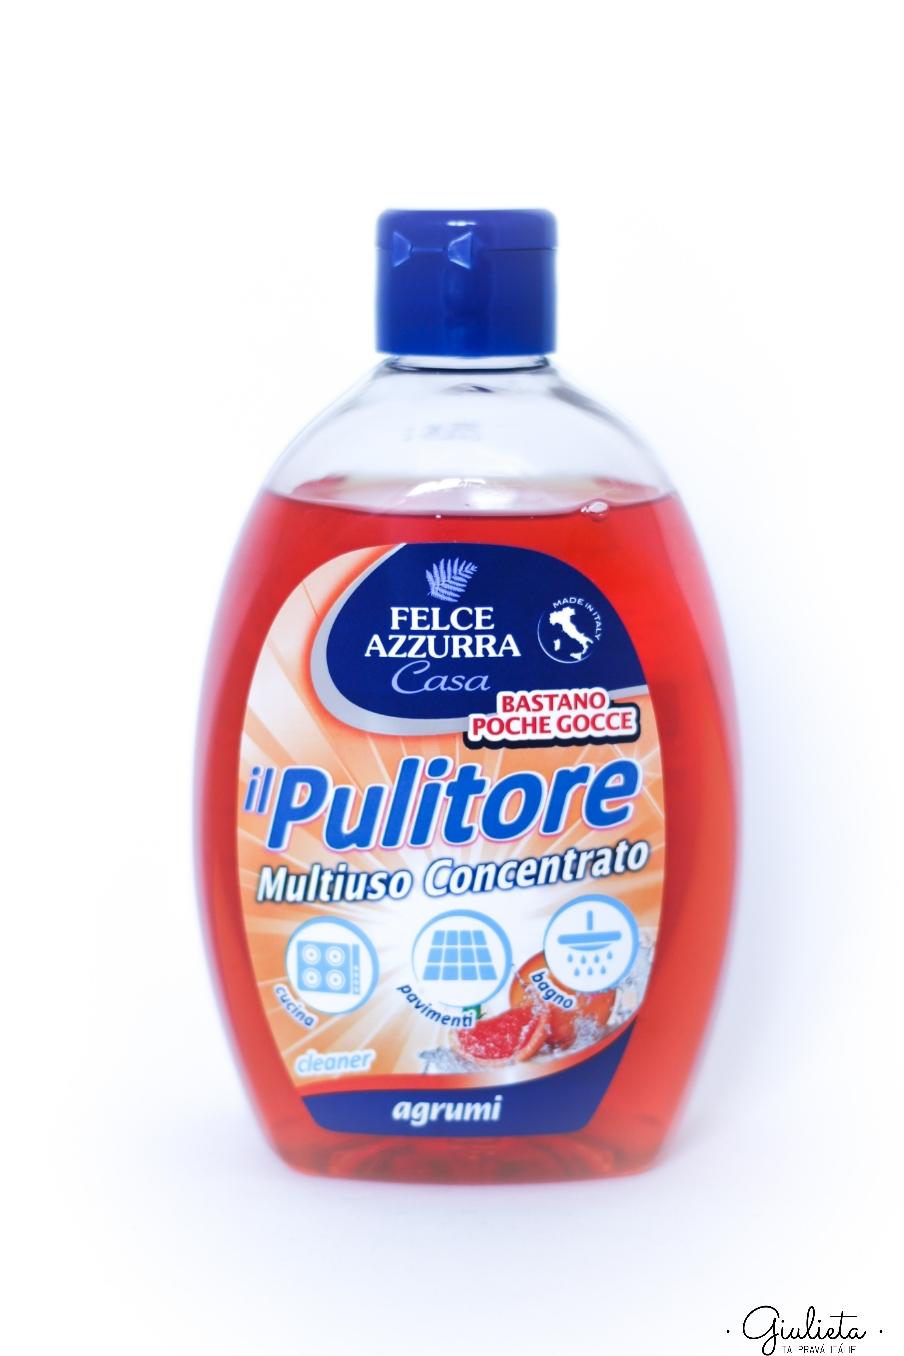 Felce Azzurra koncentrovaný univerzální čisticí prostředek s citrusovou vůní, 500 ml